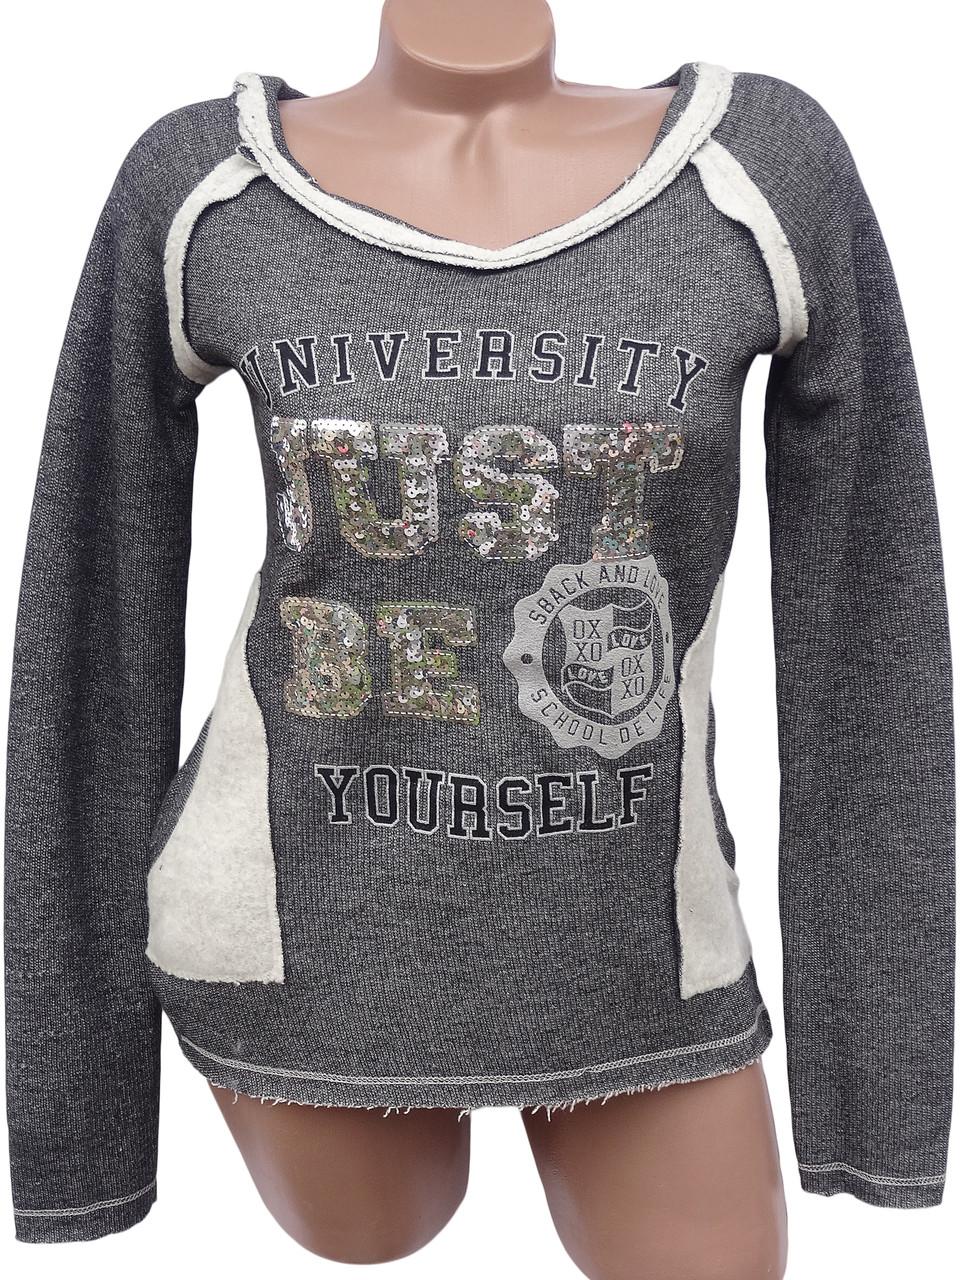 Женский пуловер с пайетками (в расцветках 44-46)